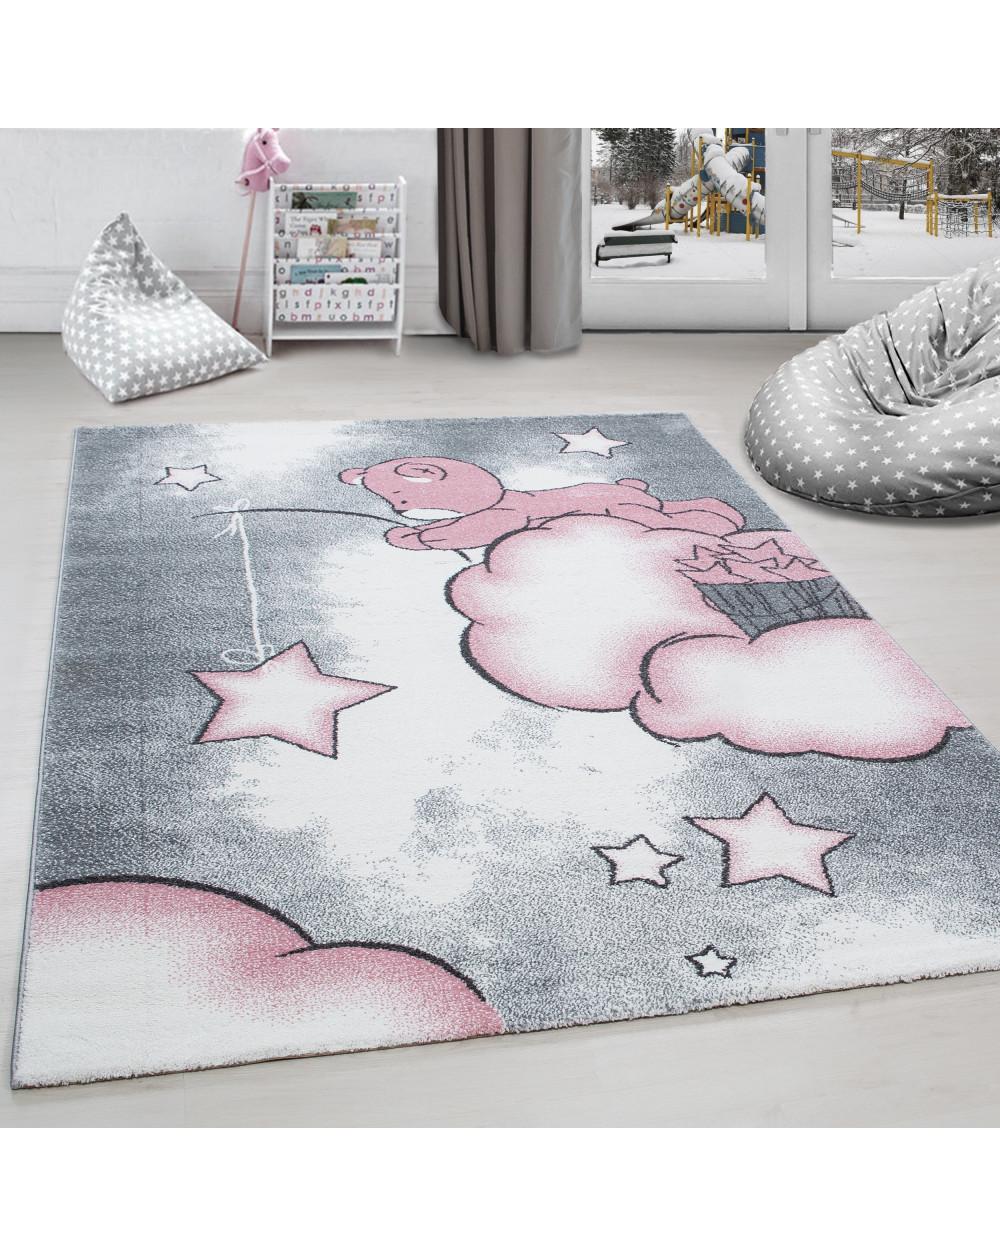 Kinderteppich Kinderzimmer Teppich Bar Wolken Stern Angeln Grau Weiss Pink Grosse 80x150 Cm